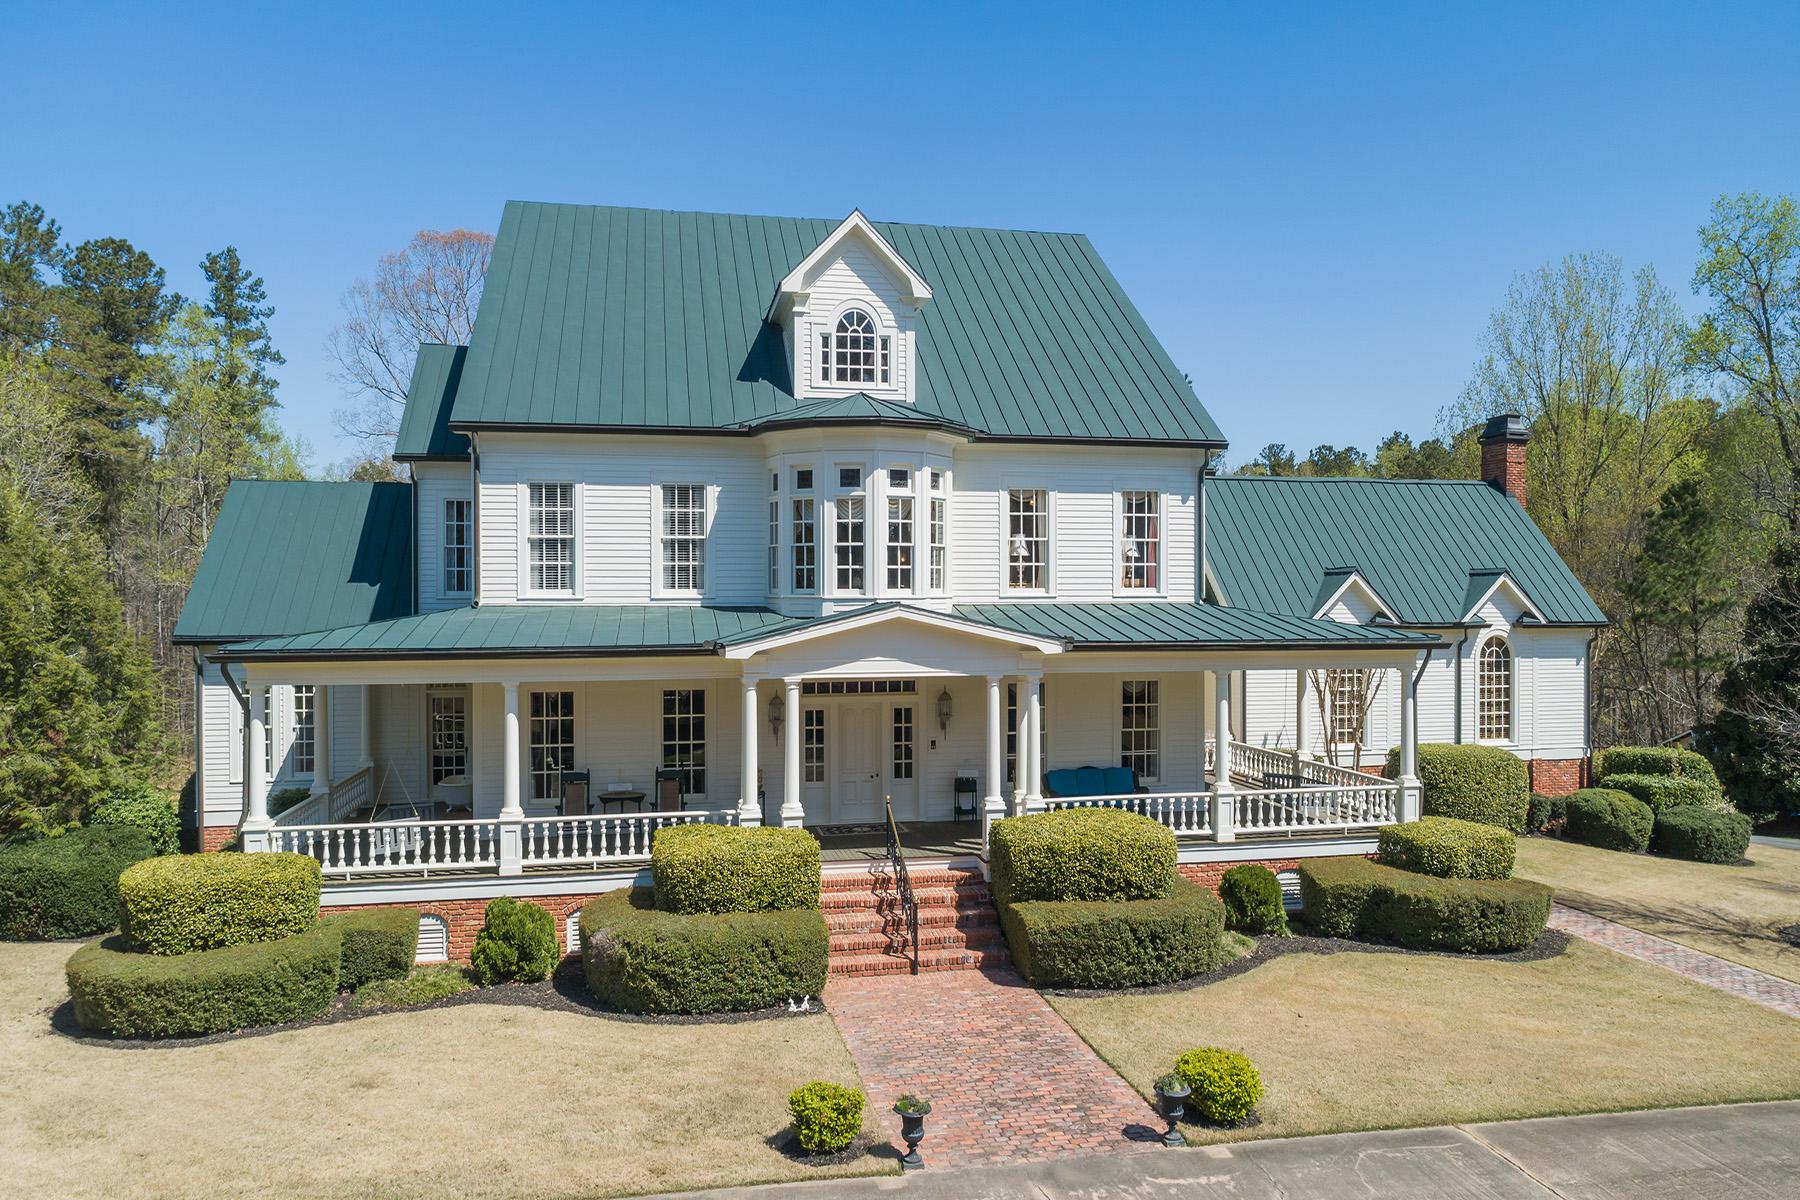 토지 용 매매 에 One-of-a-Kind Estate on 18 Acres in West Cobb 1574 Bullard Road - L, Powder Springs, 조지아 30127 미국